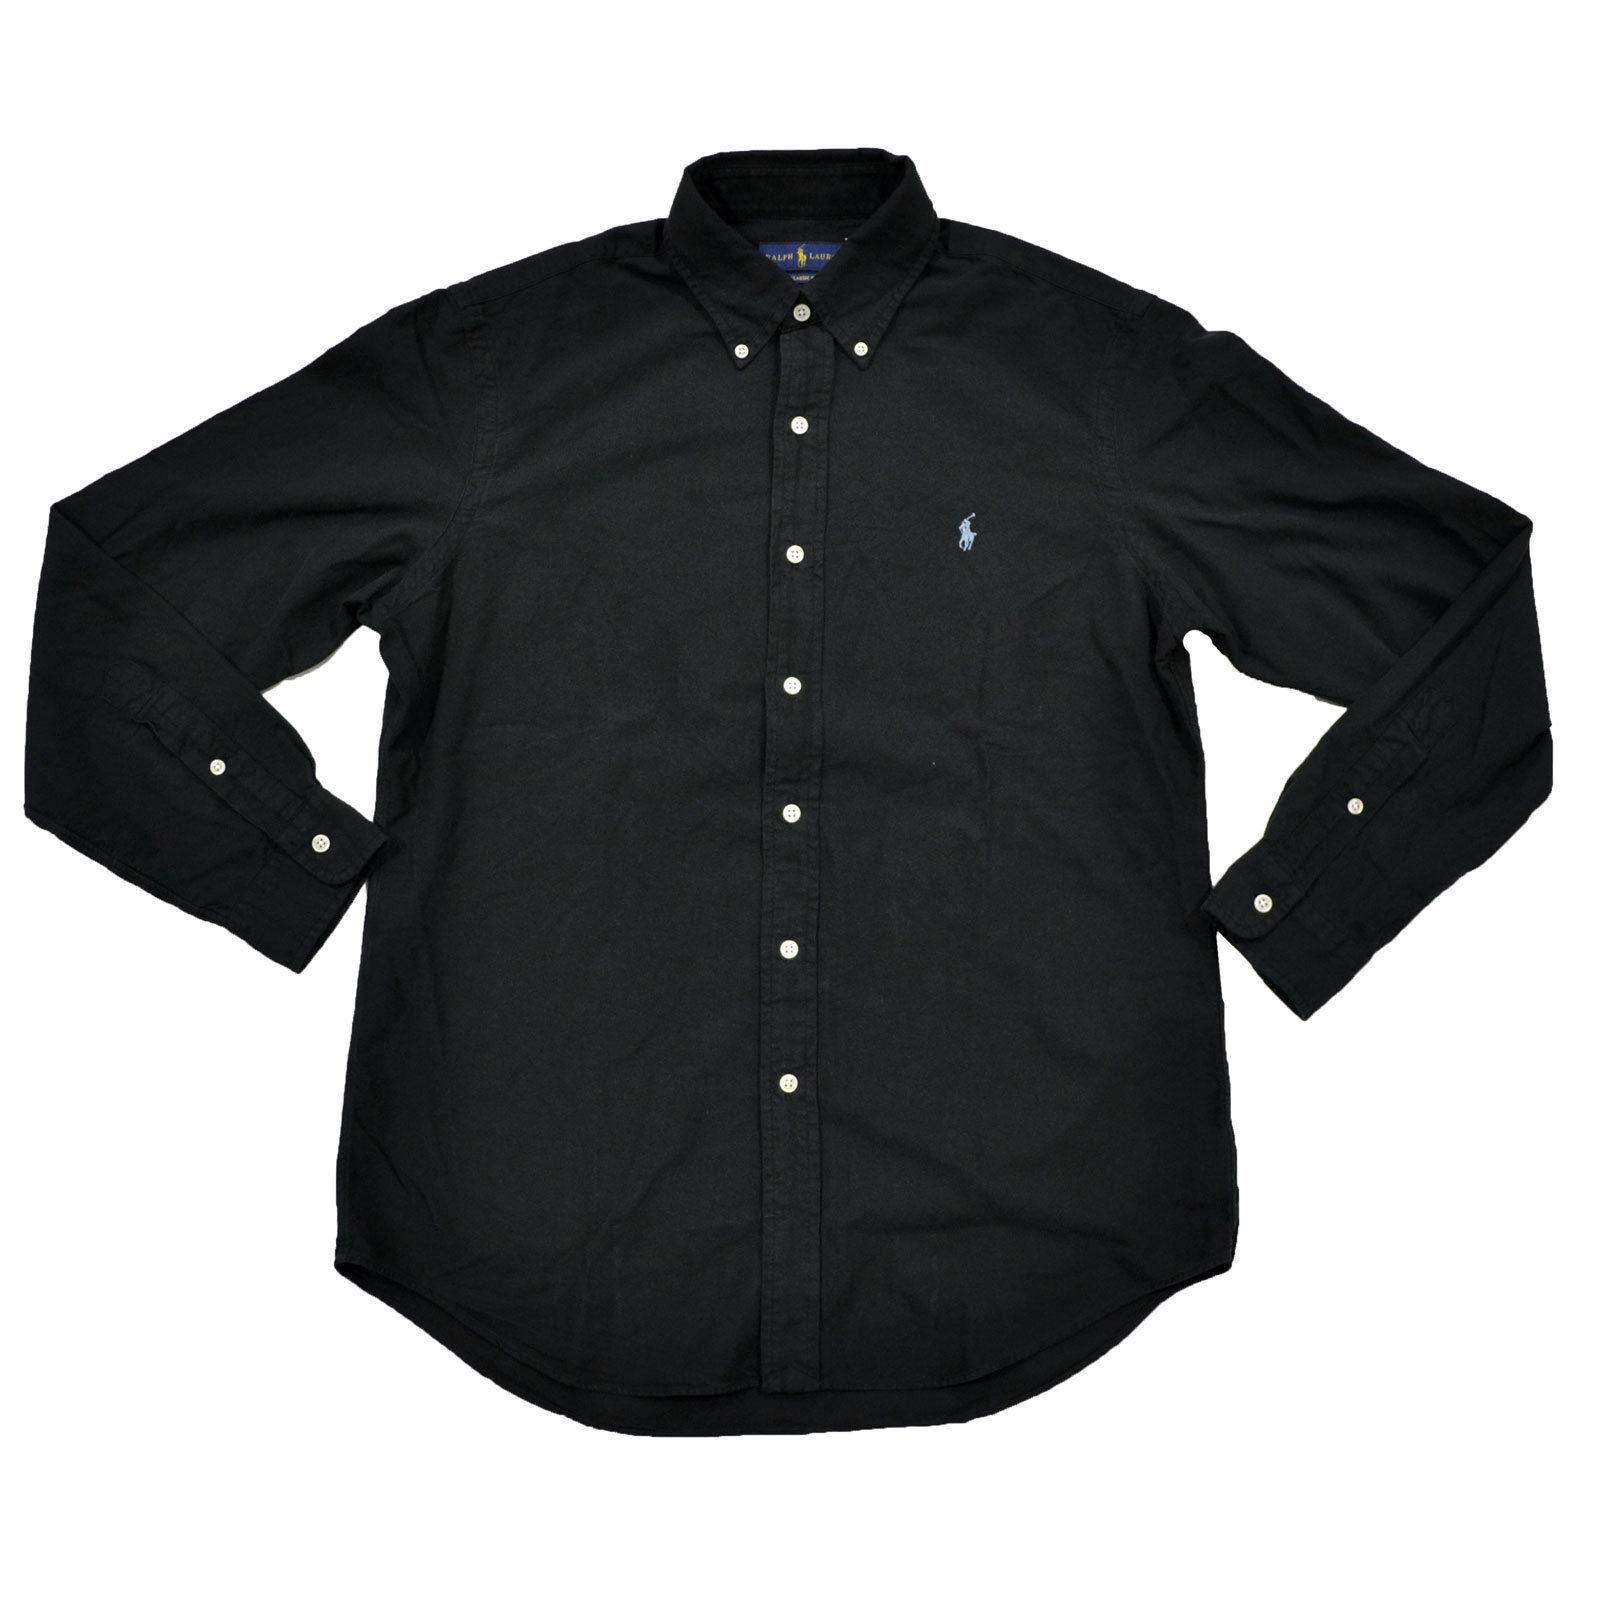 Ralph Lauren Oxford Shirt Classic Fit Garment Dyed Long Sleeve Button Down